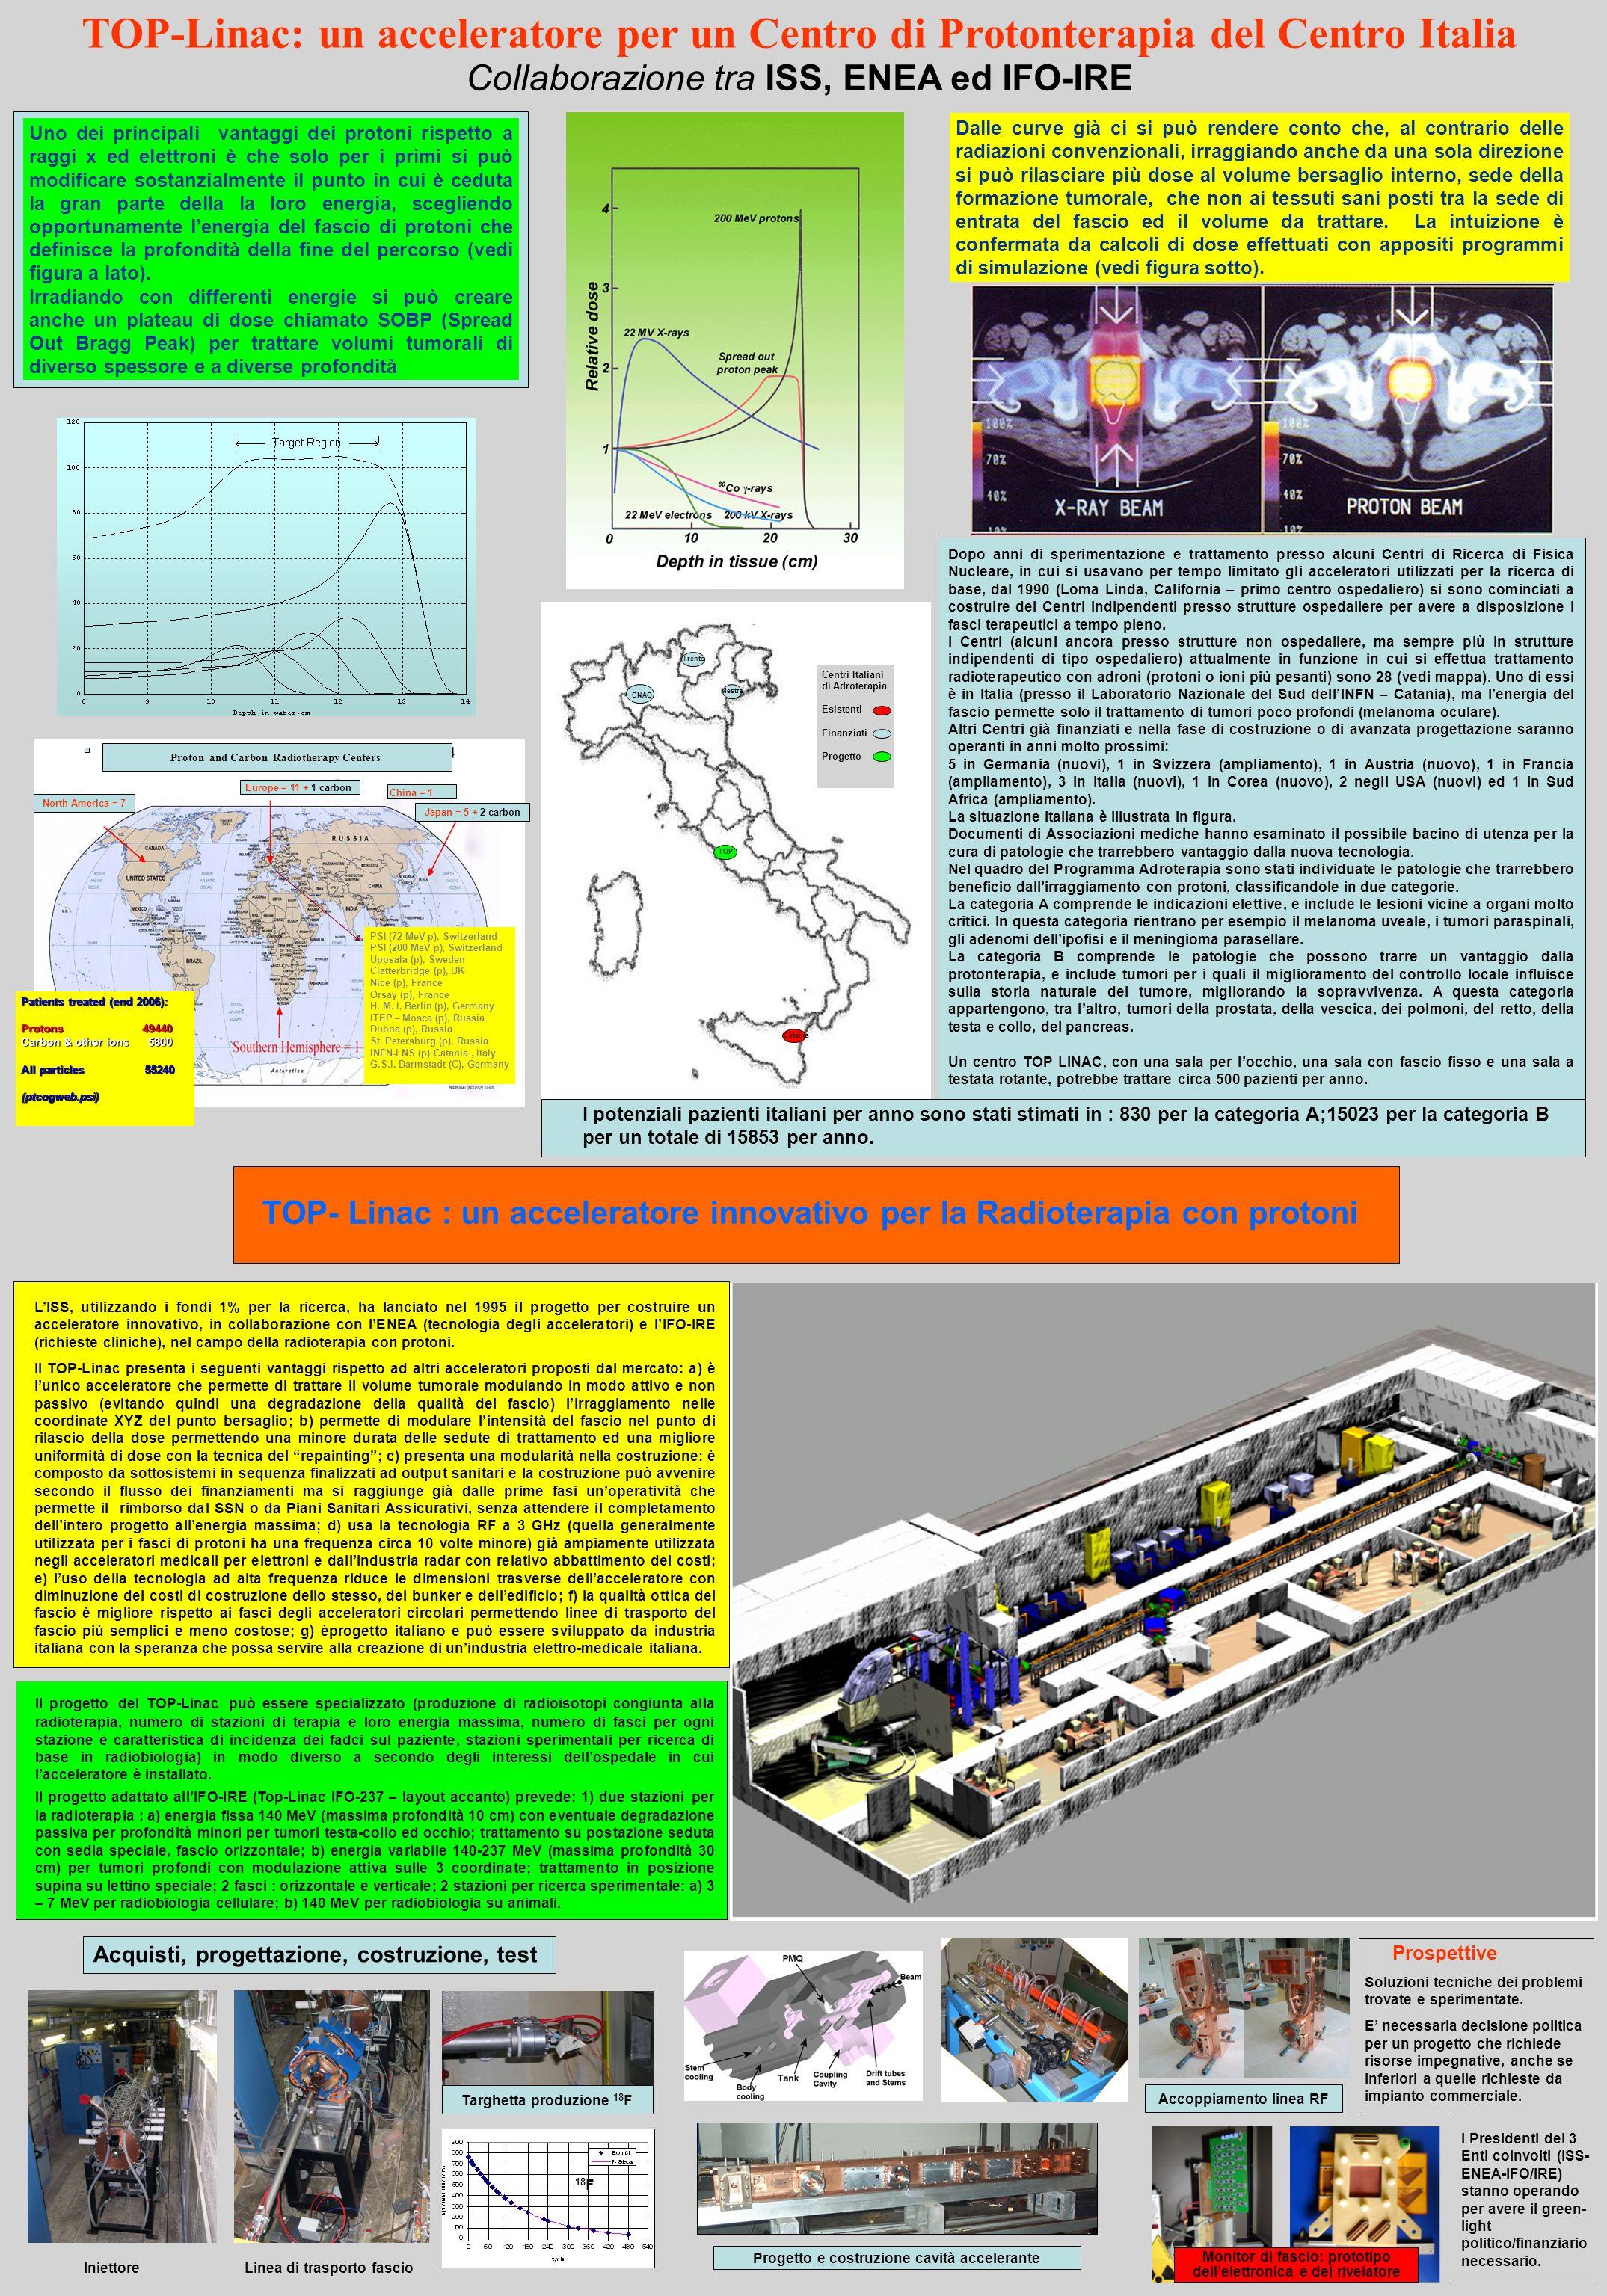 TOP-Linac: un acceleratore per un Centro di Protonterapia del Centro Italia Collaborazione tra ISS, ENEA ed IFO-IRE.